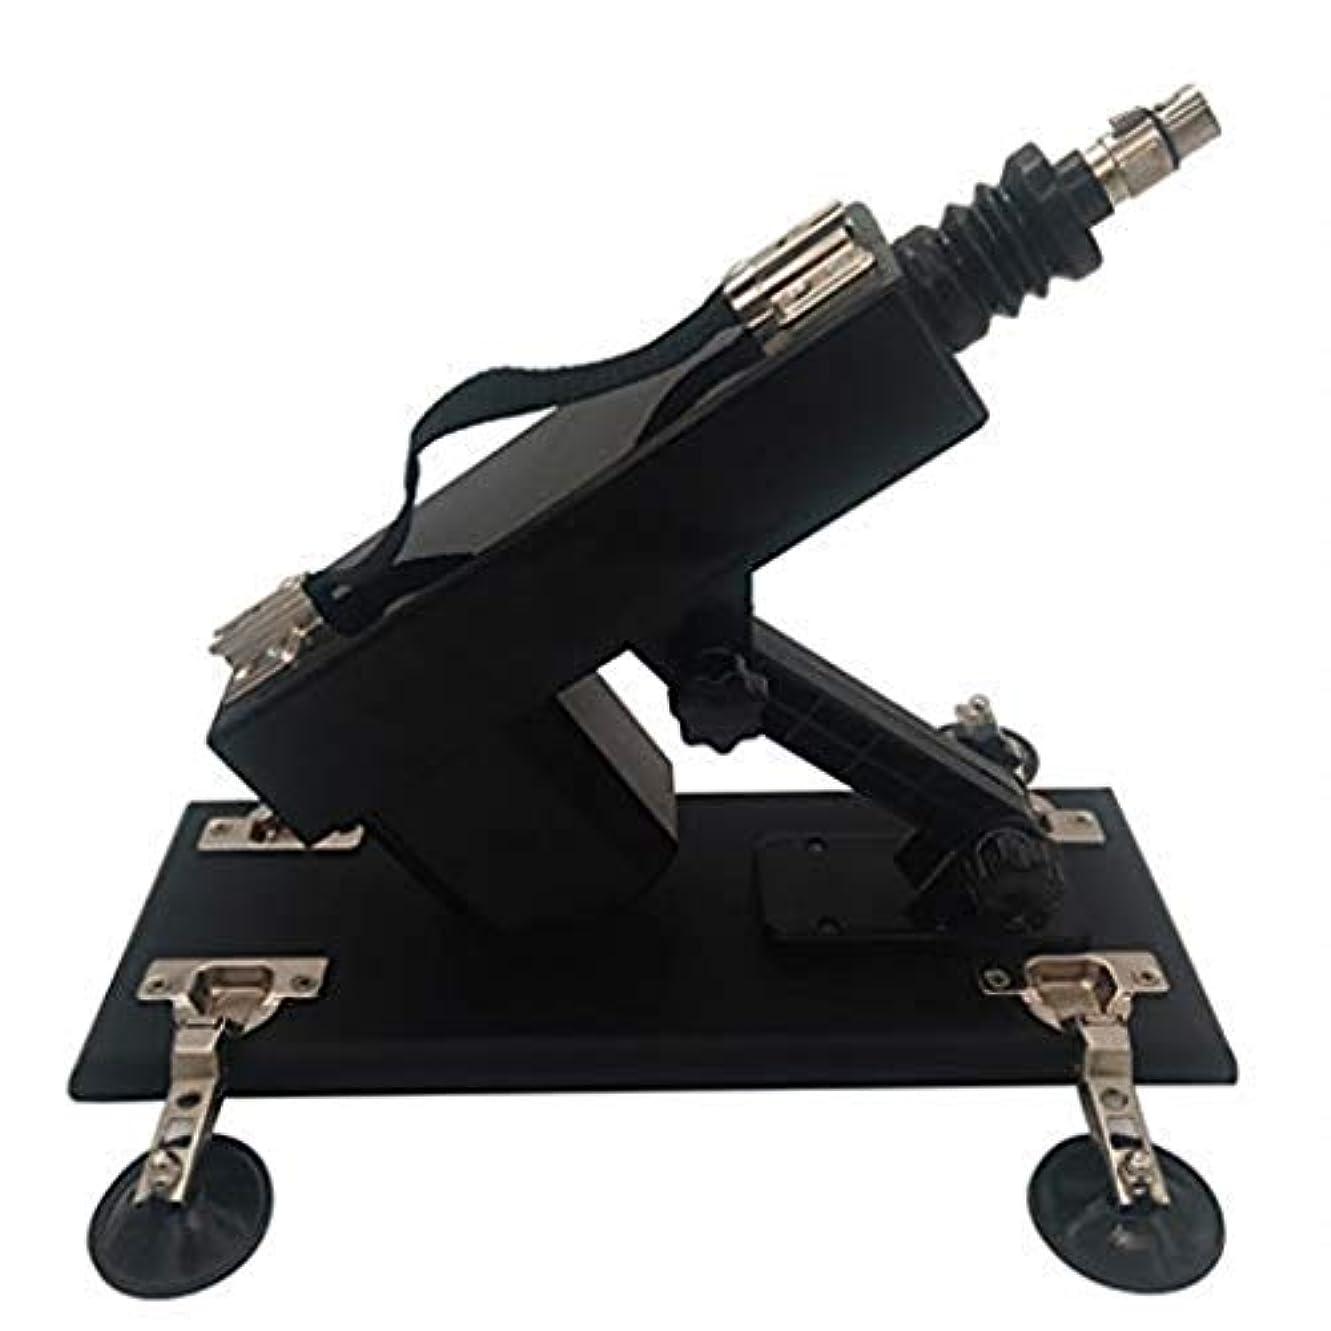 帰する代理店クアッガRisareyi Tシャツ伸縮式強力吸引カップ自動電動マッサージャーマルチスピードフルボディマッサージデバイス調節可能な大人のマシンの喜びのおもちゃ